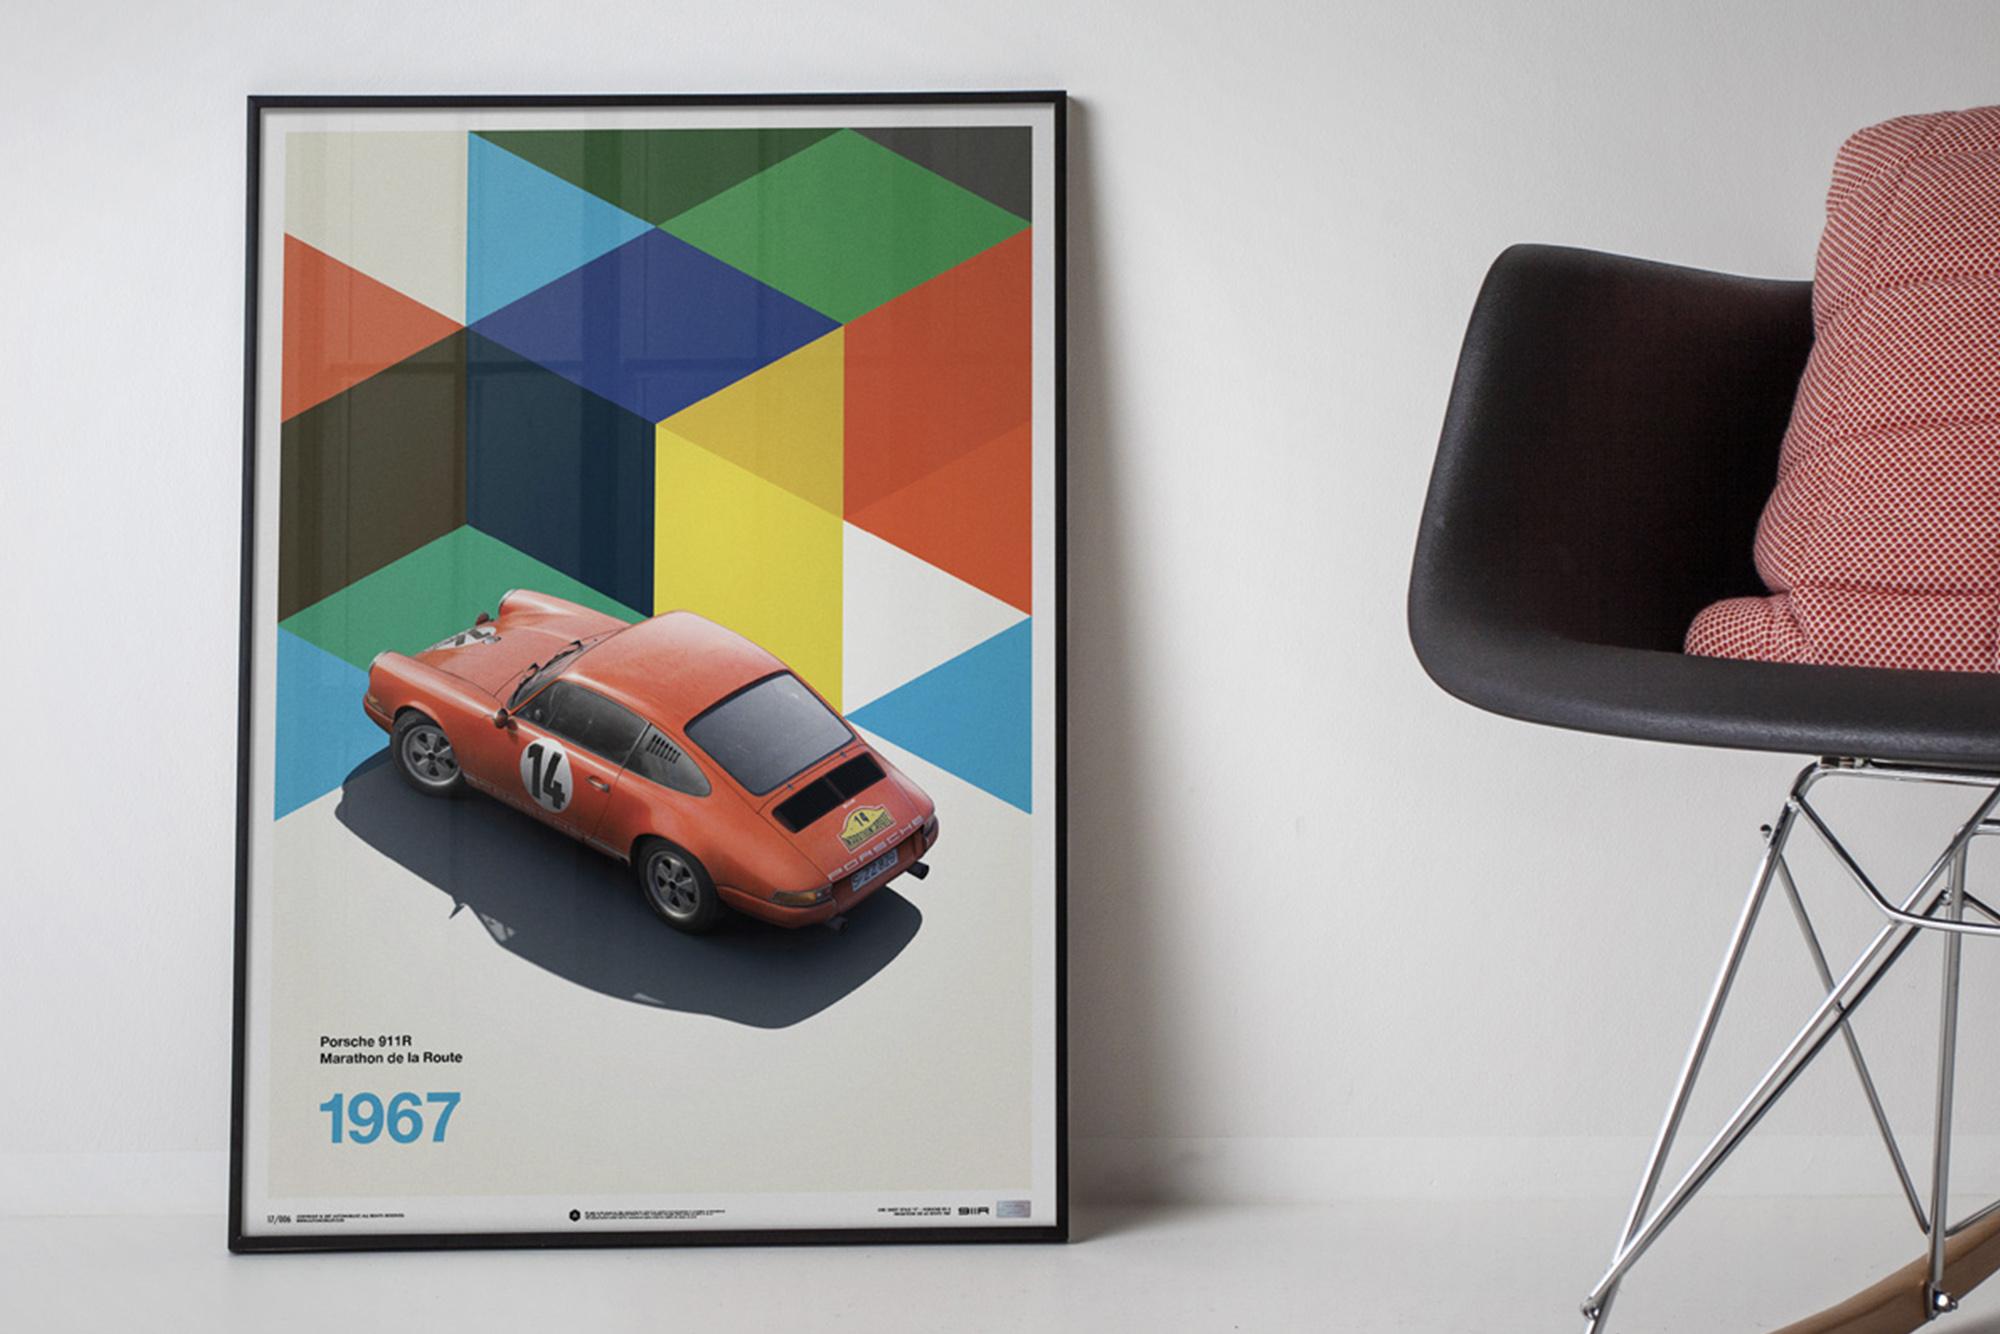 Porsche 911R Automobilist poster